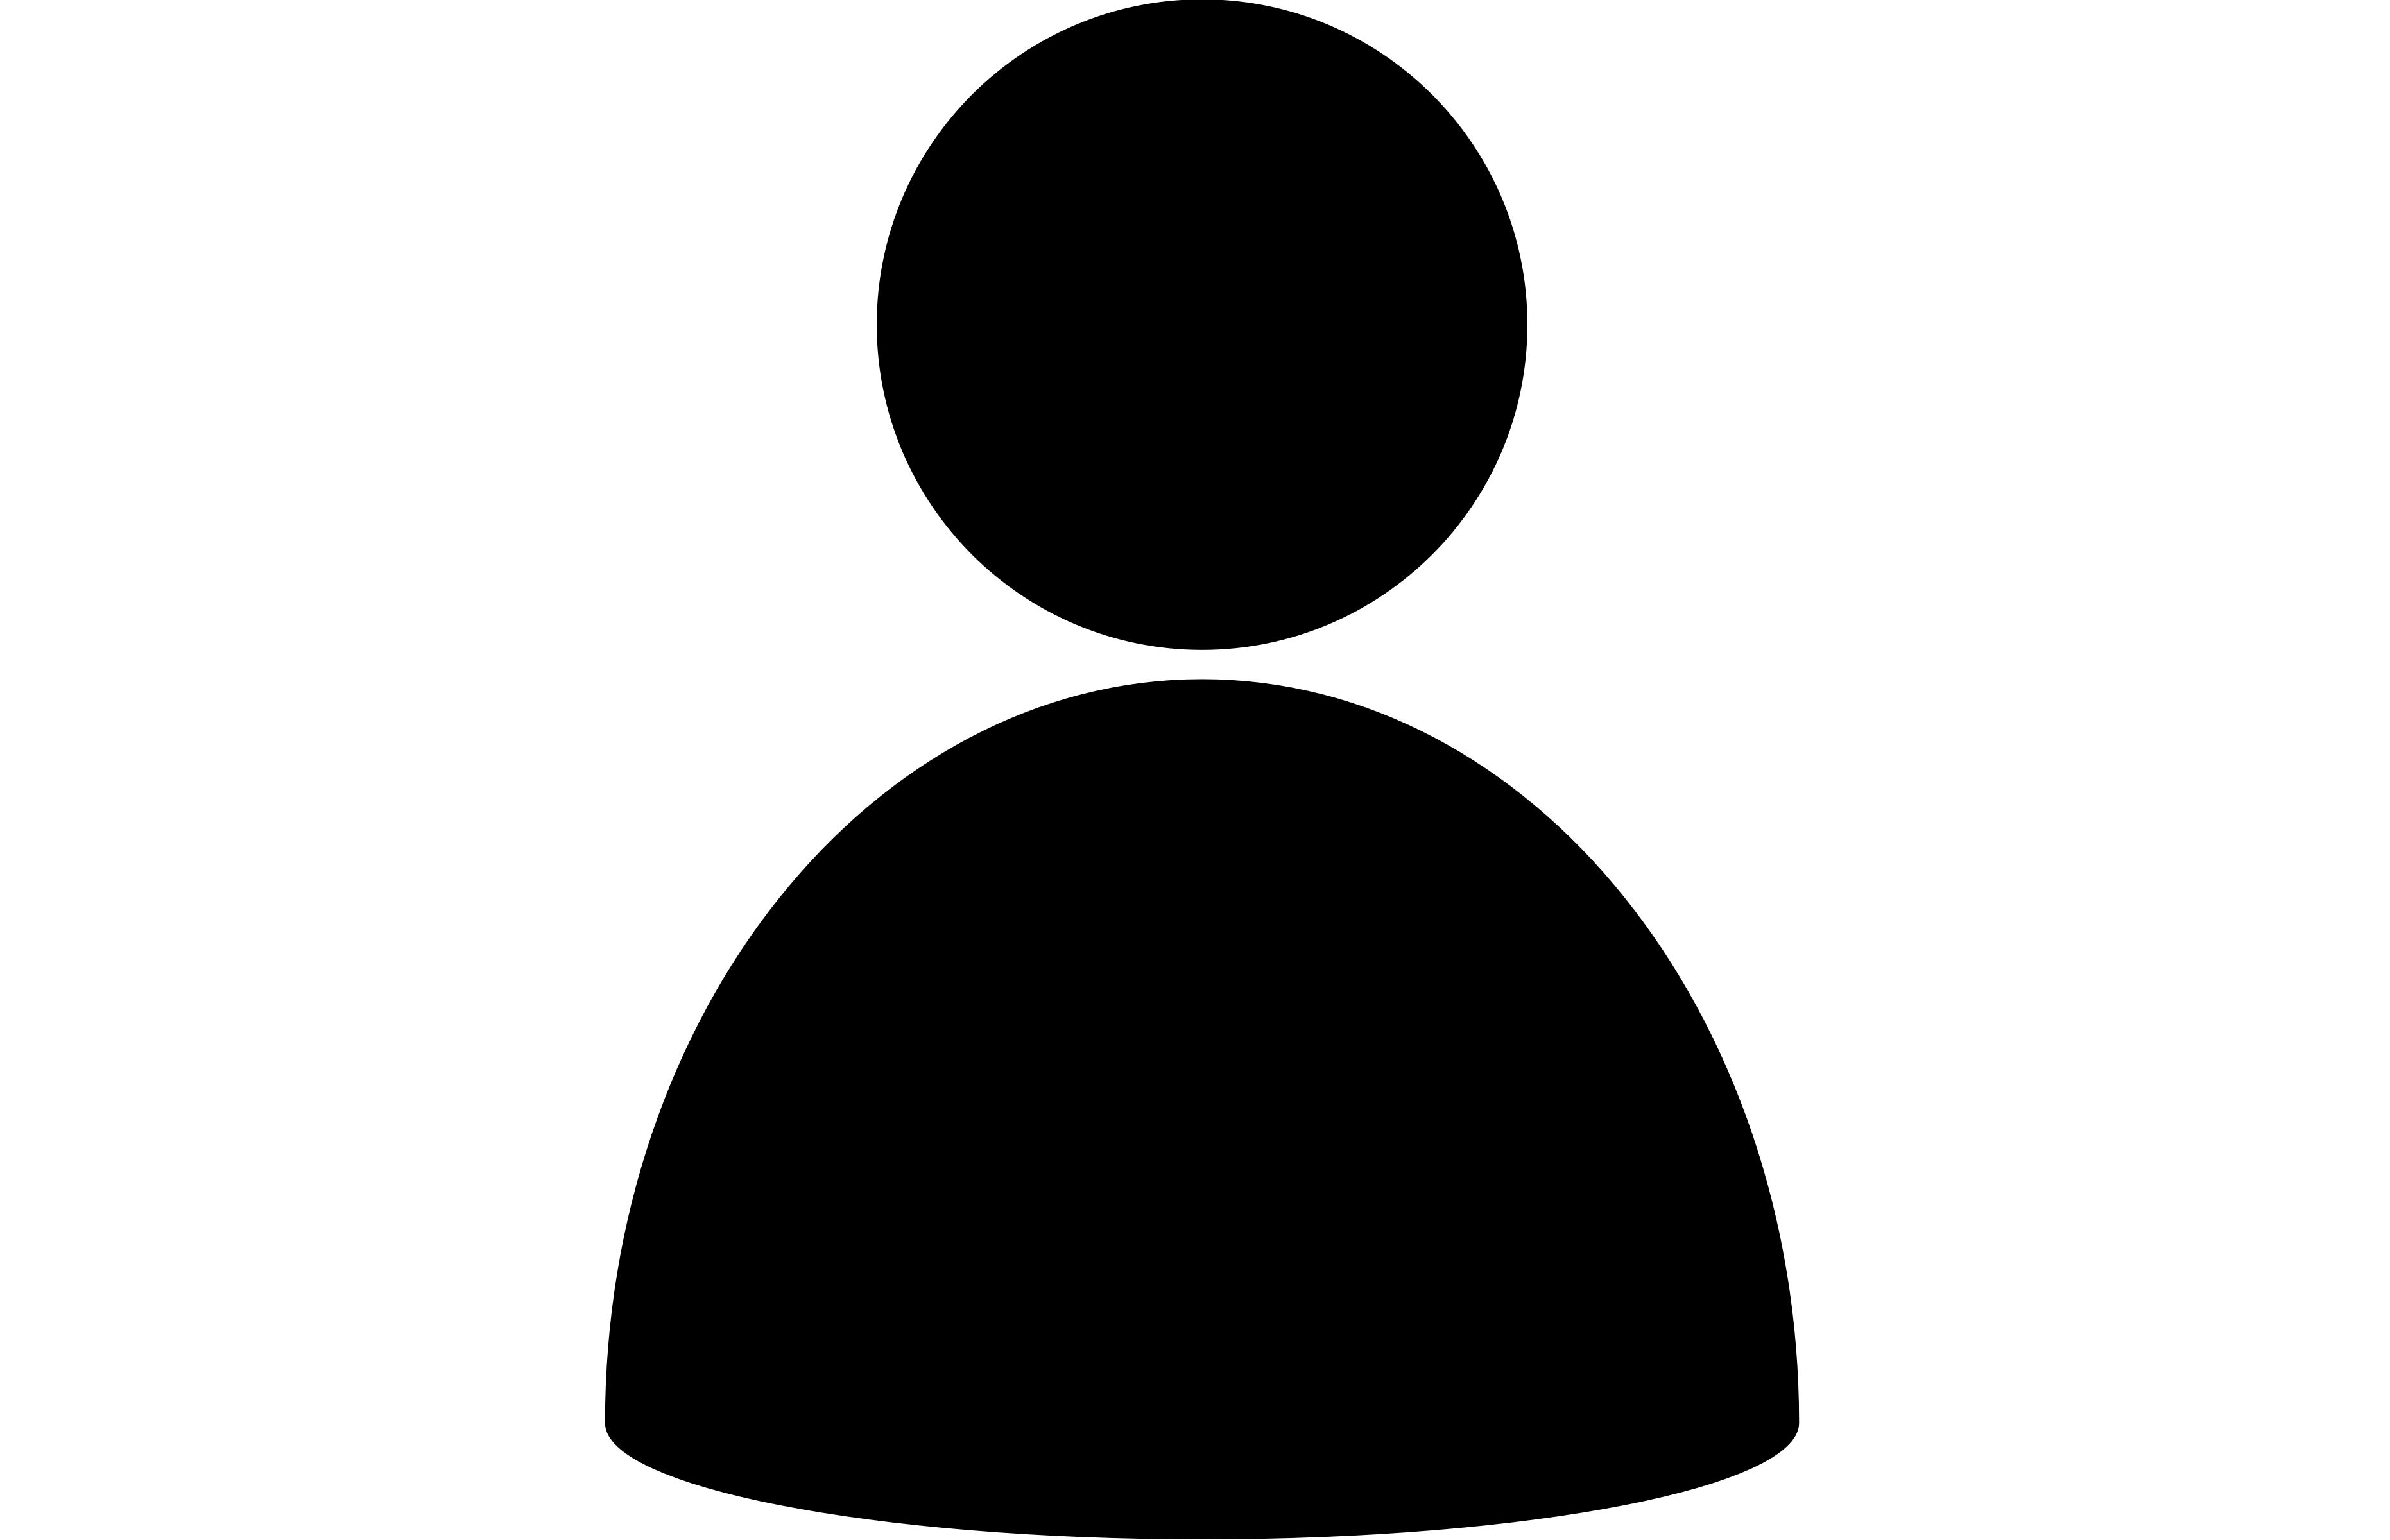 person-icon-6